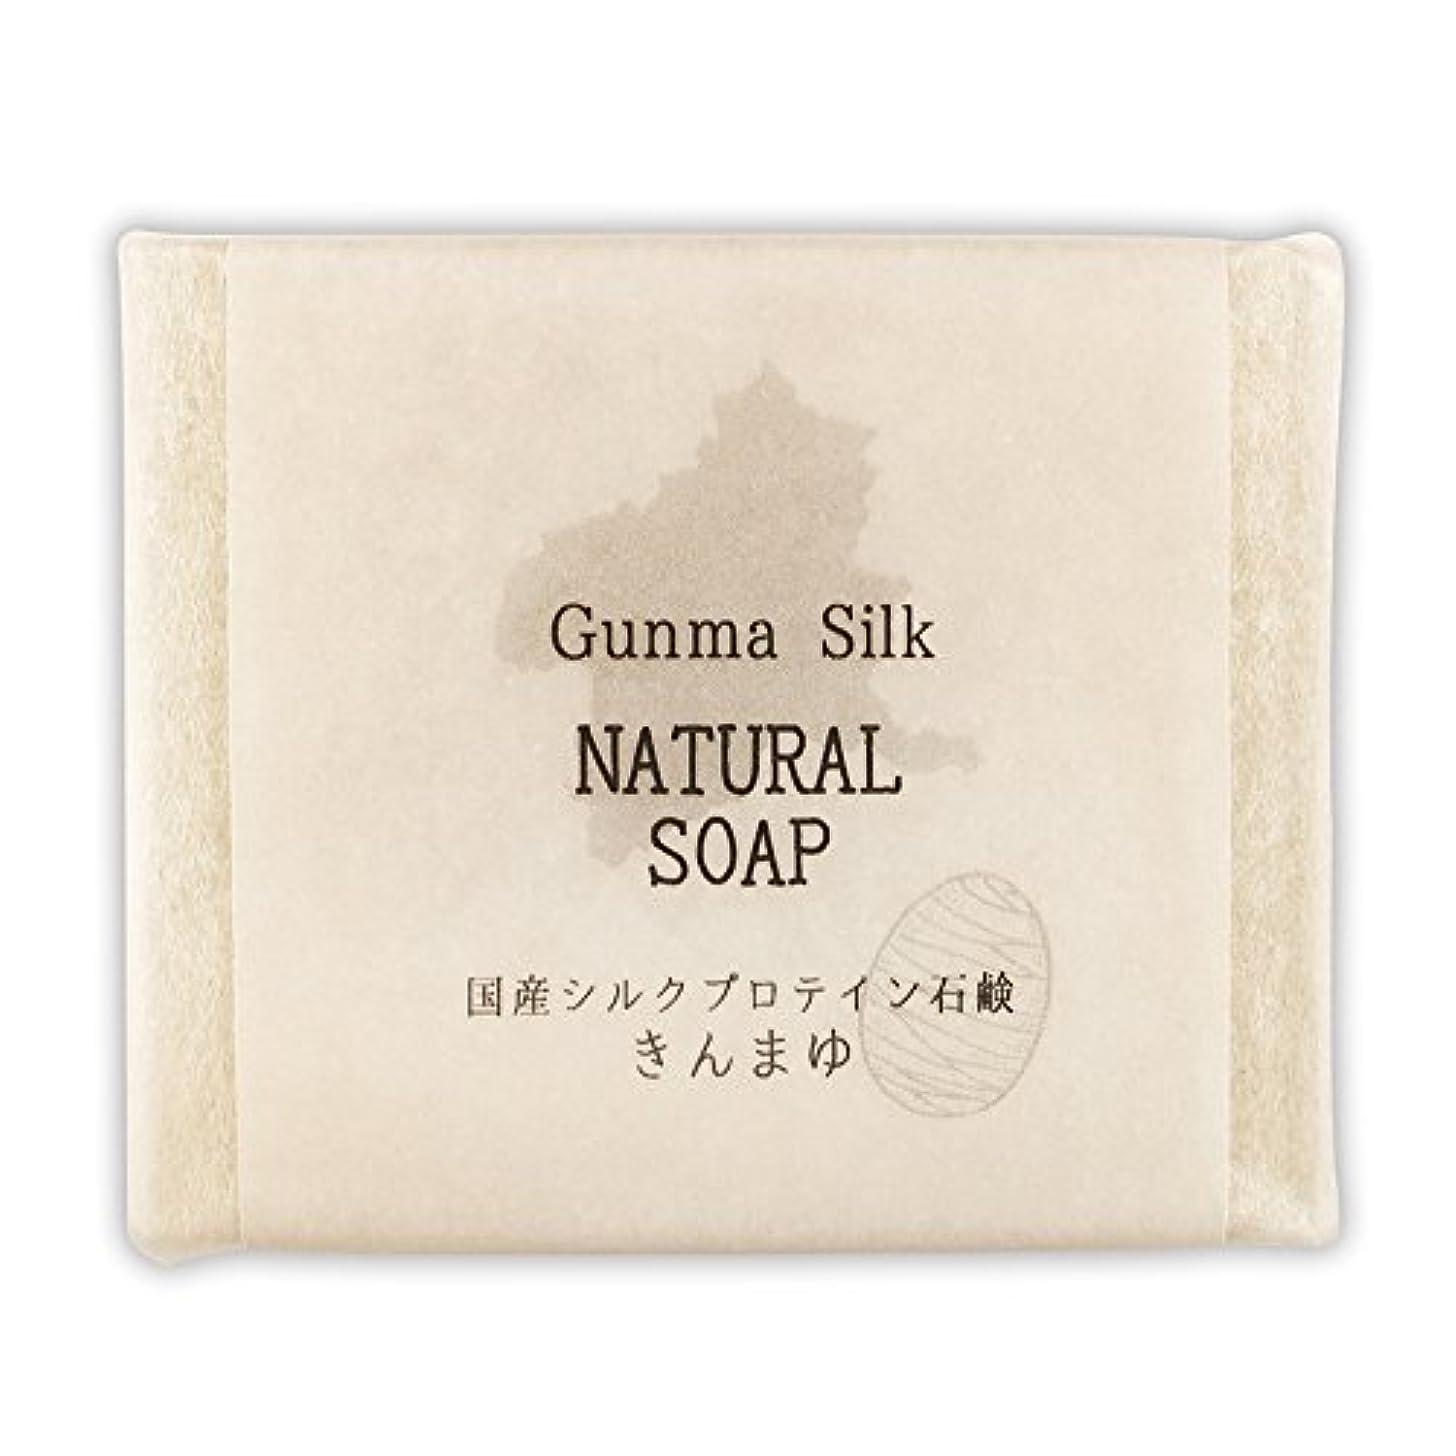 縁交通渋滞お風呂BN 国産シルクプロテイン石鹸 きんまゆ SKS-04 (1個)